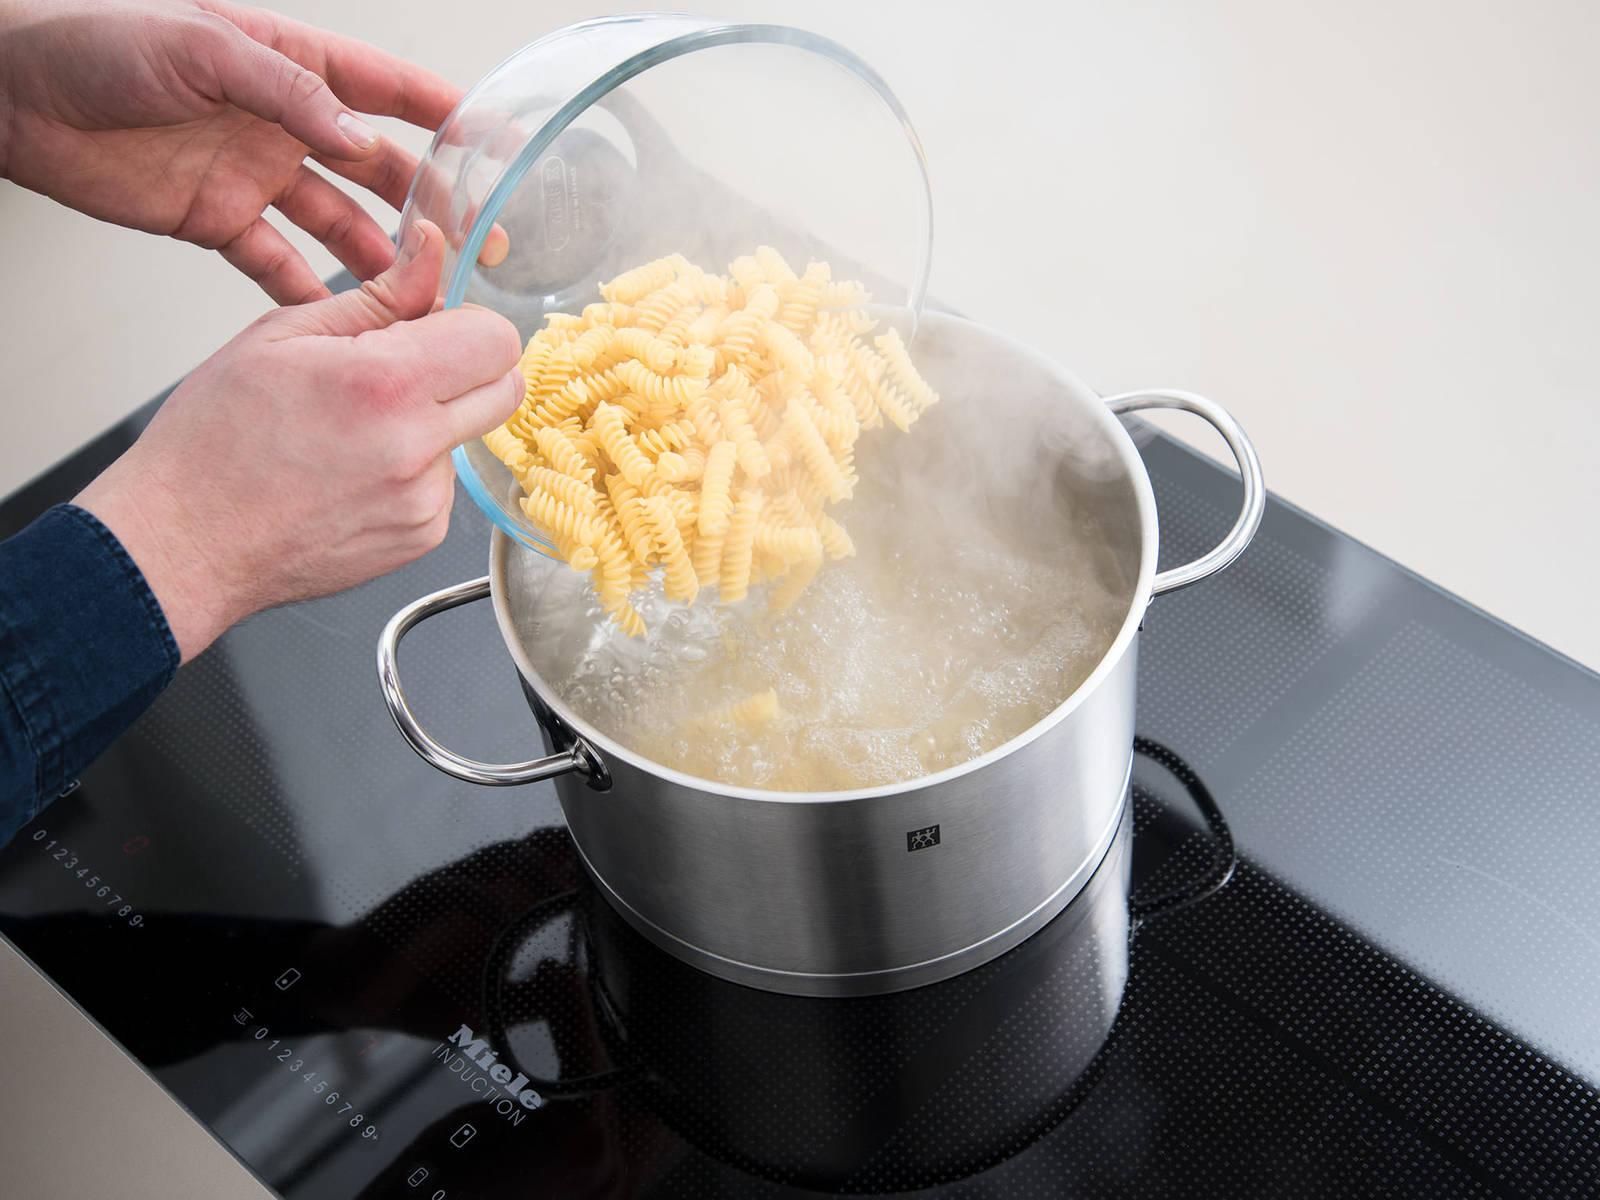 Wasser in einem Topf zum Kochen bringen, salzen und Nudeln nach Packungsanleitung al dente kochen. In der Zwischenzeit den Backofen auf 200°C vorheizen.